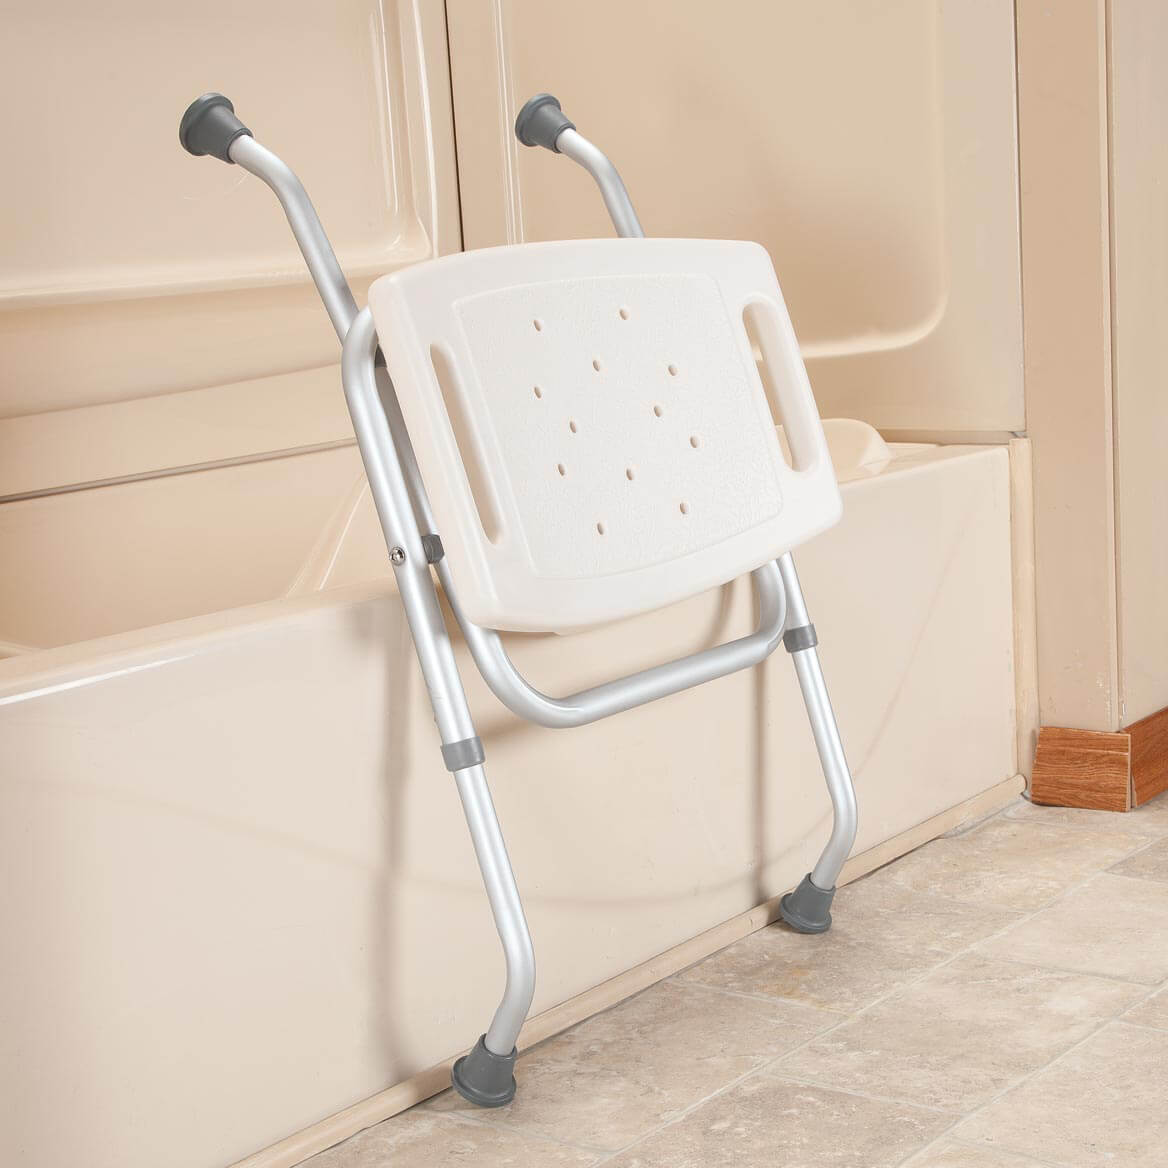 folding chair for bathroom evenflo modern 200 high bath bench tub miles kimball